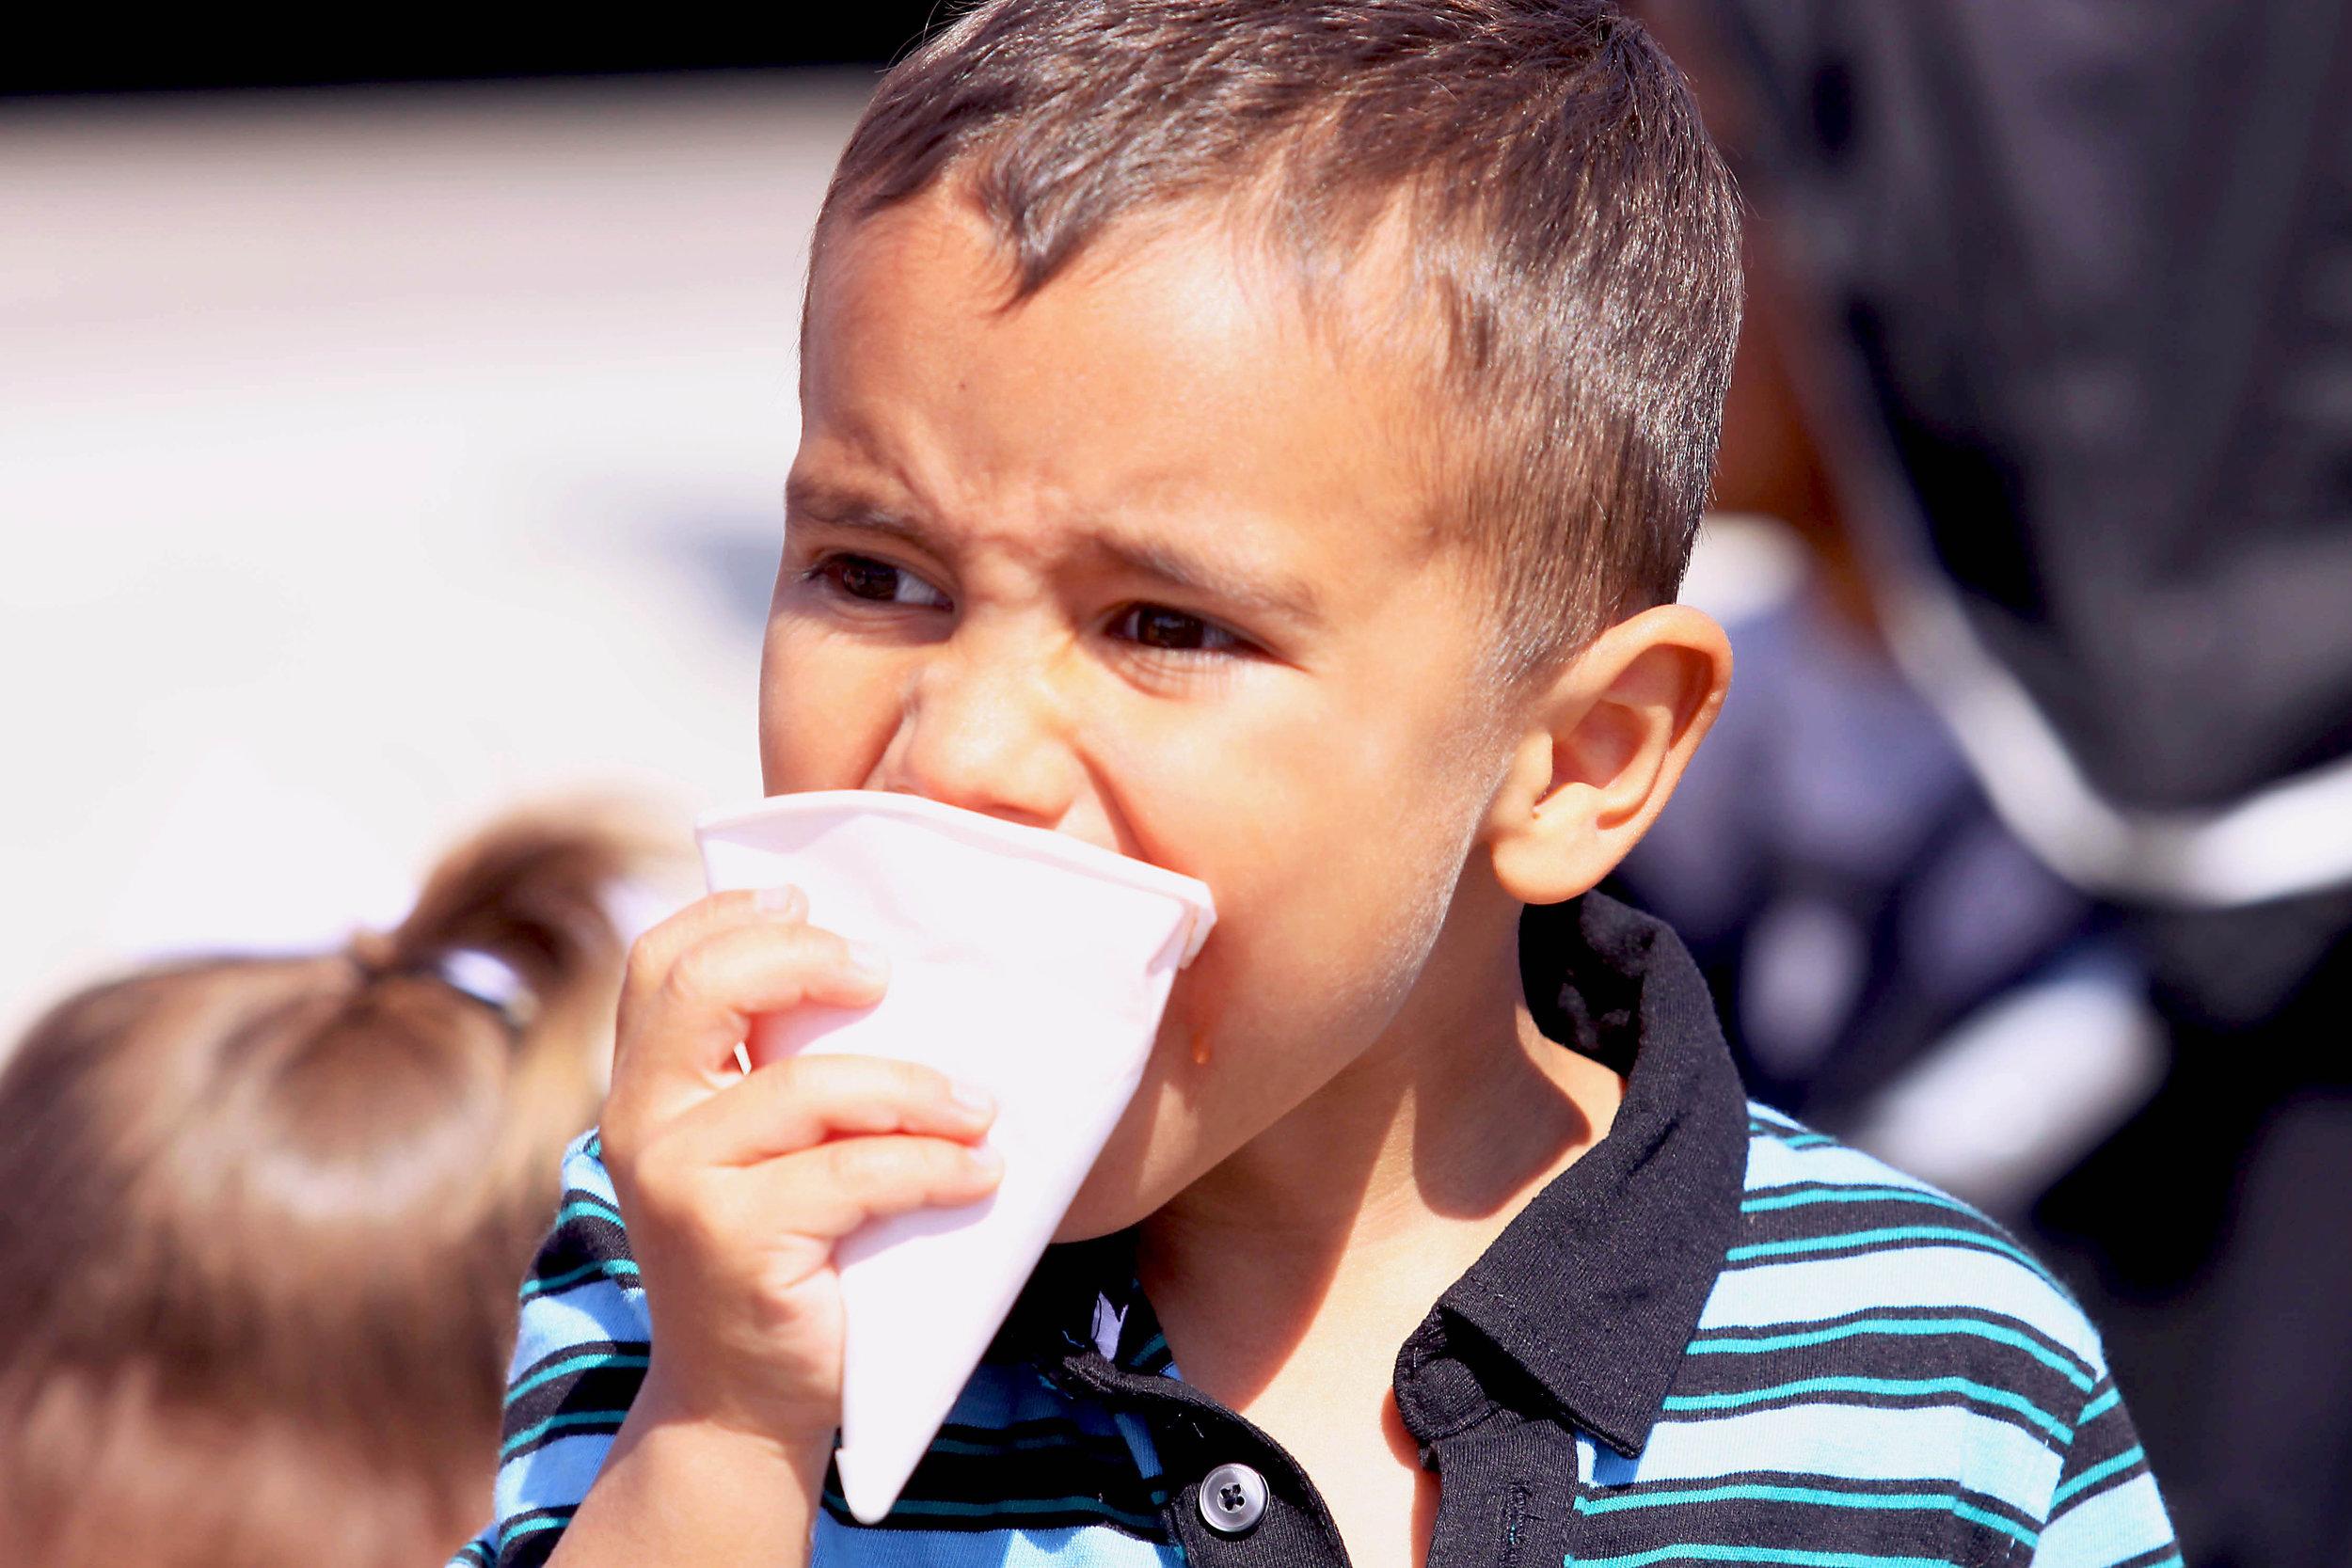 Kids_First_Fair_fun_for_everyone_130427-M-IQ377-011.jpg